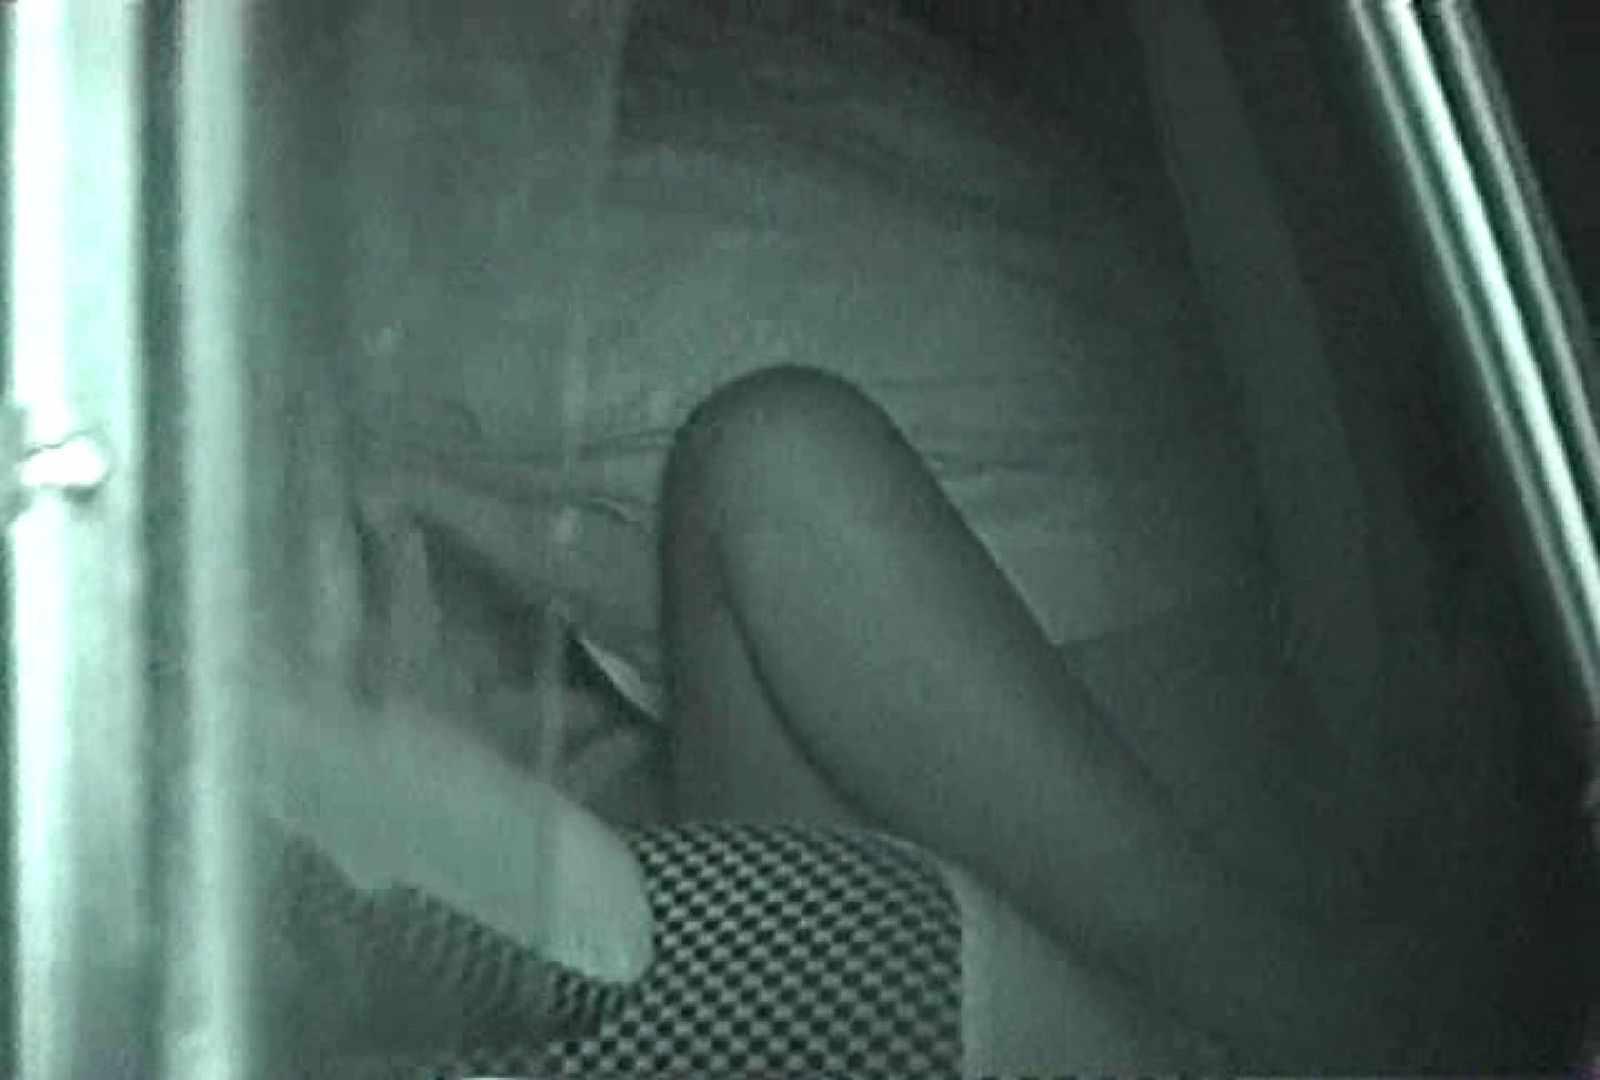 充血監督の深夜の運動会Vol.49 エッチなセックス | カップル盗撮  83画像 13